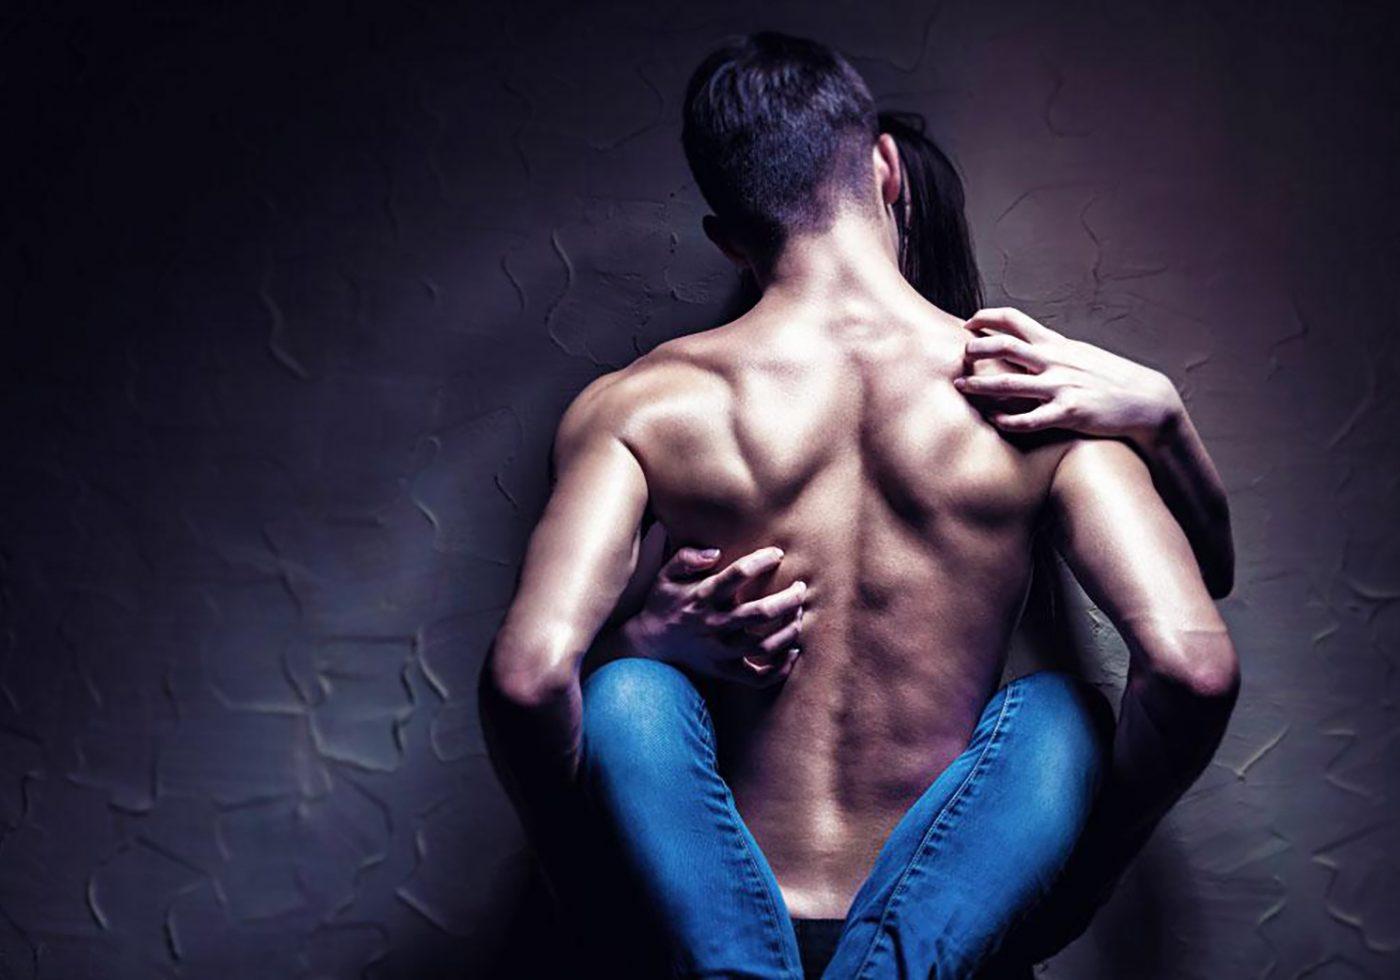 Sexfantasien – Sexträume, Voyeurismus und Masturbation